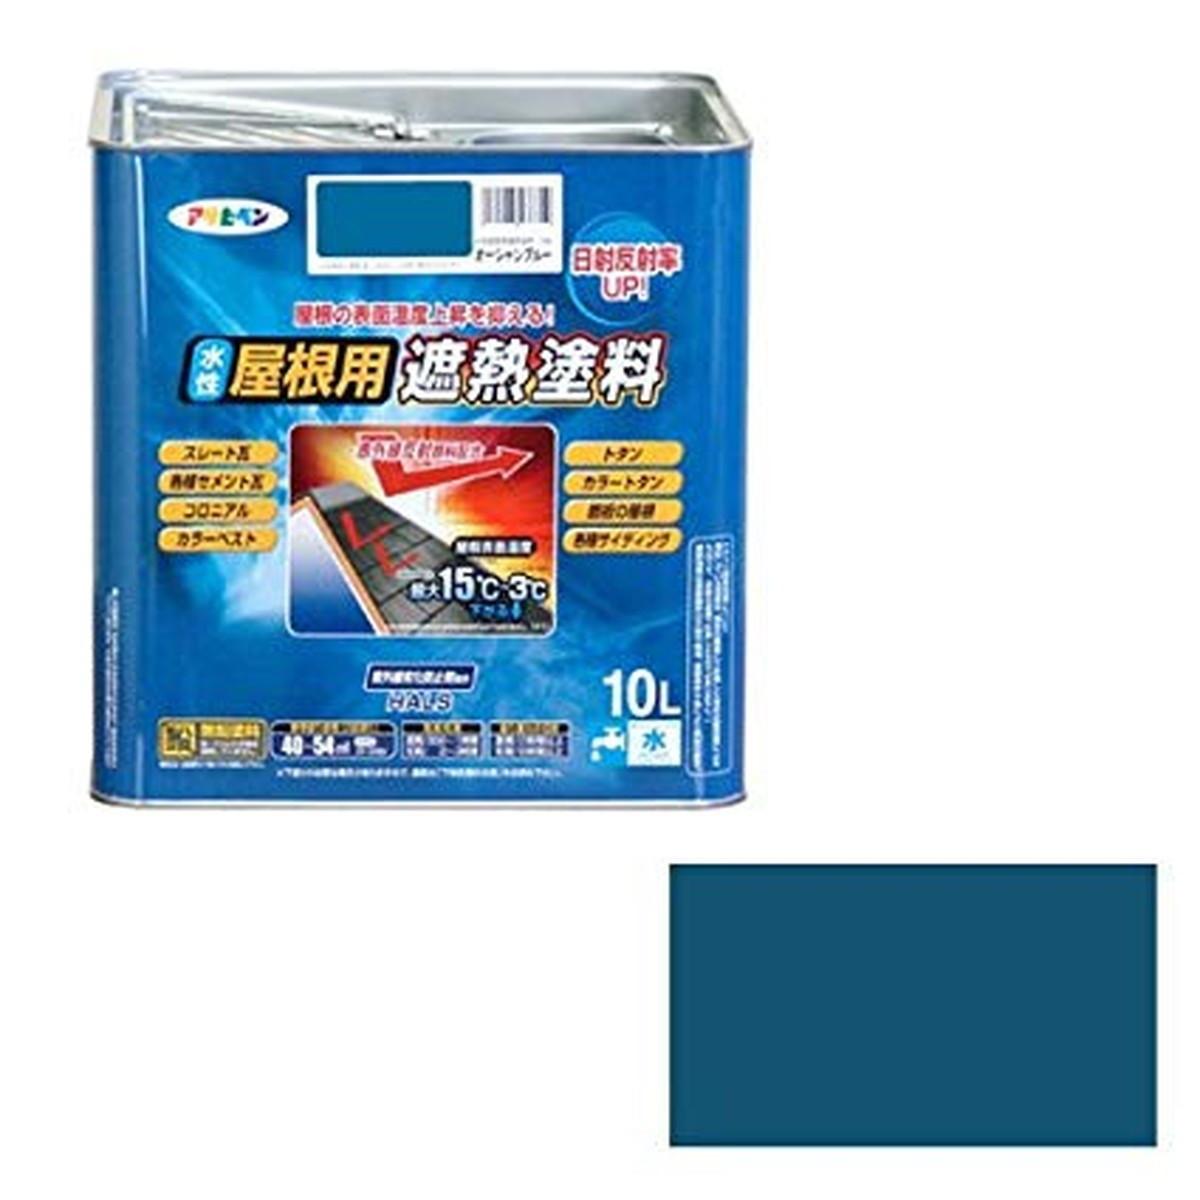 【エントリーでポイント10倍!!】アサヒペン ペンキ 水性屋根用遮熱塗料 オーシャンブルー 10L, 江東区:e0a9eb48 --- s373.jp